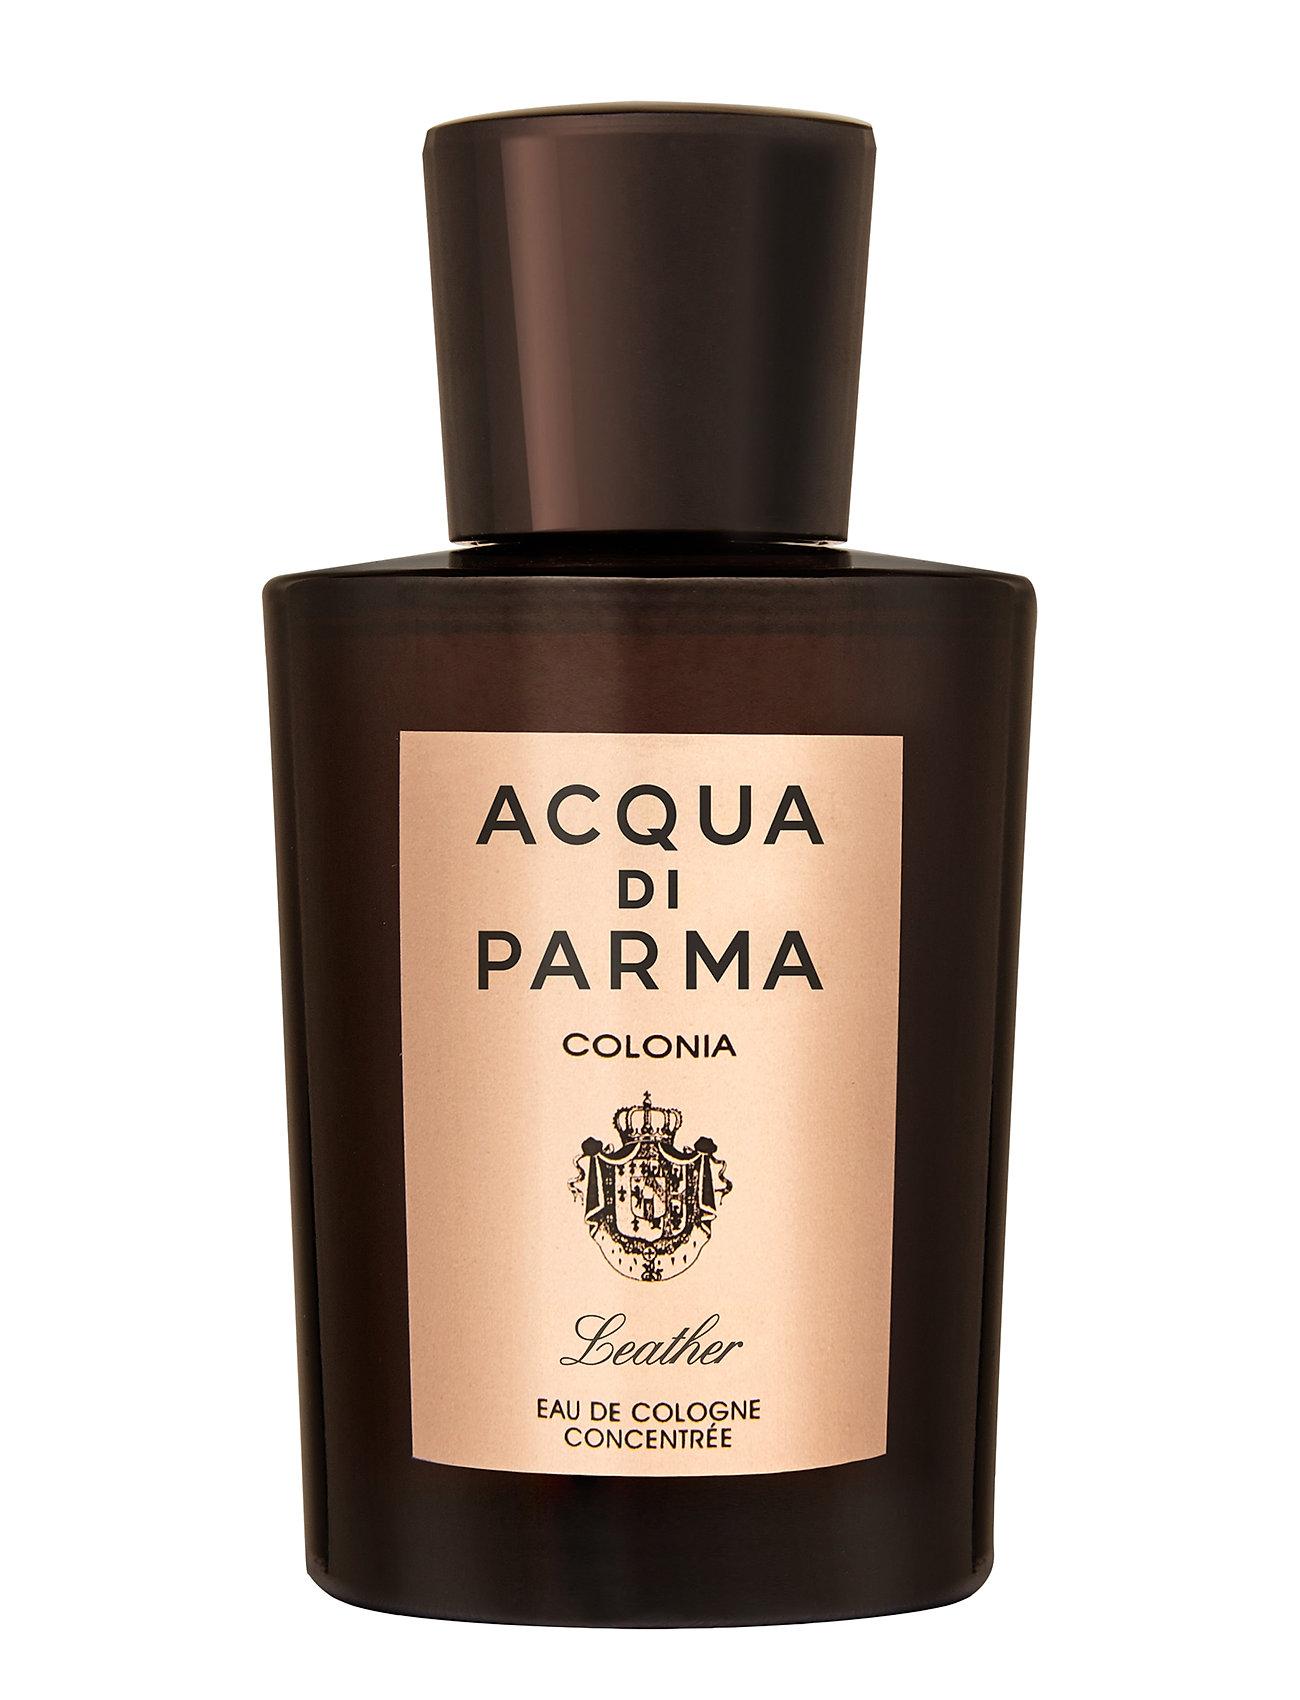 Colonia Leather Edcc - Acqua di Parma